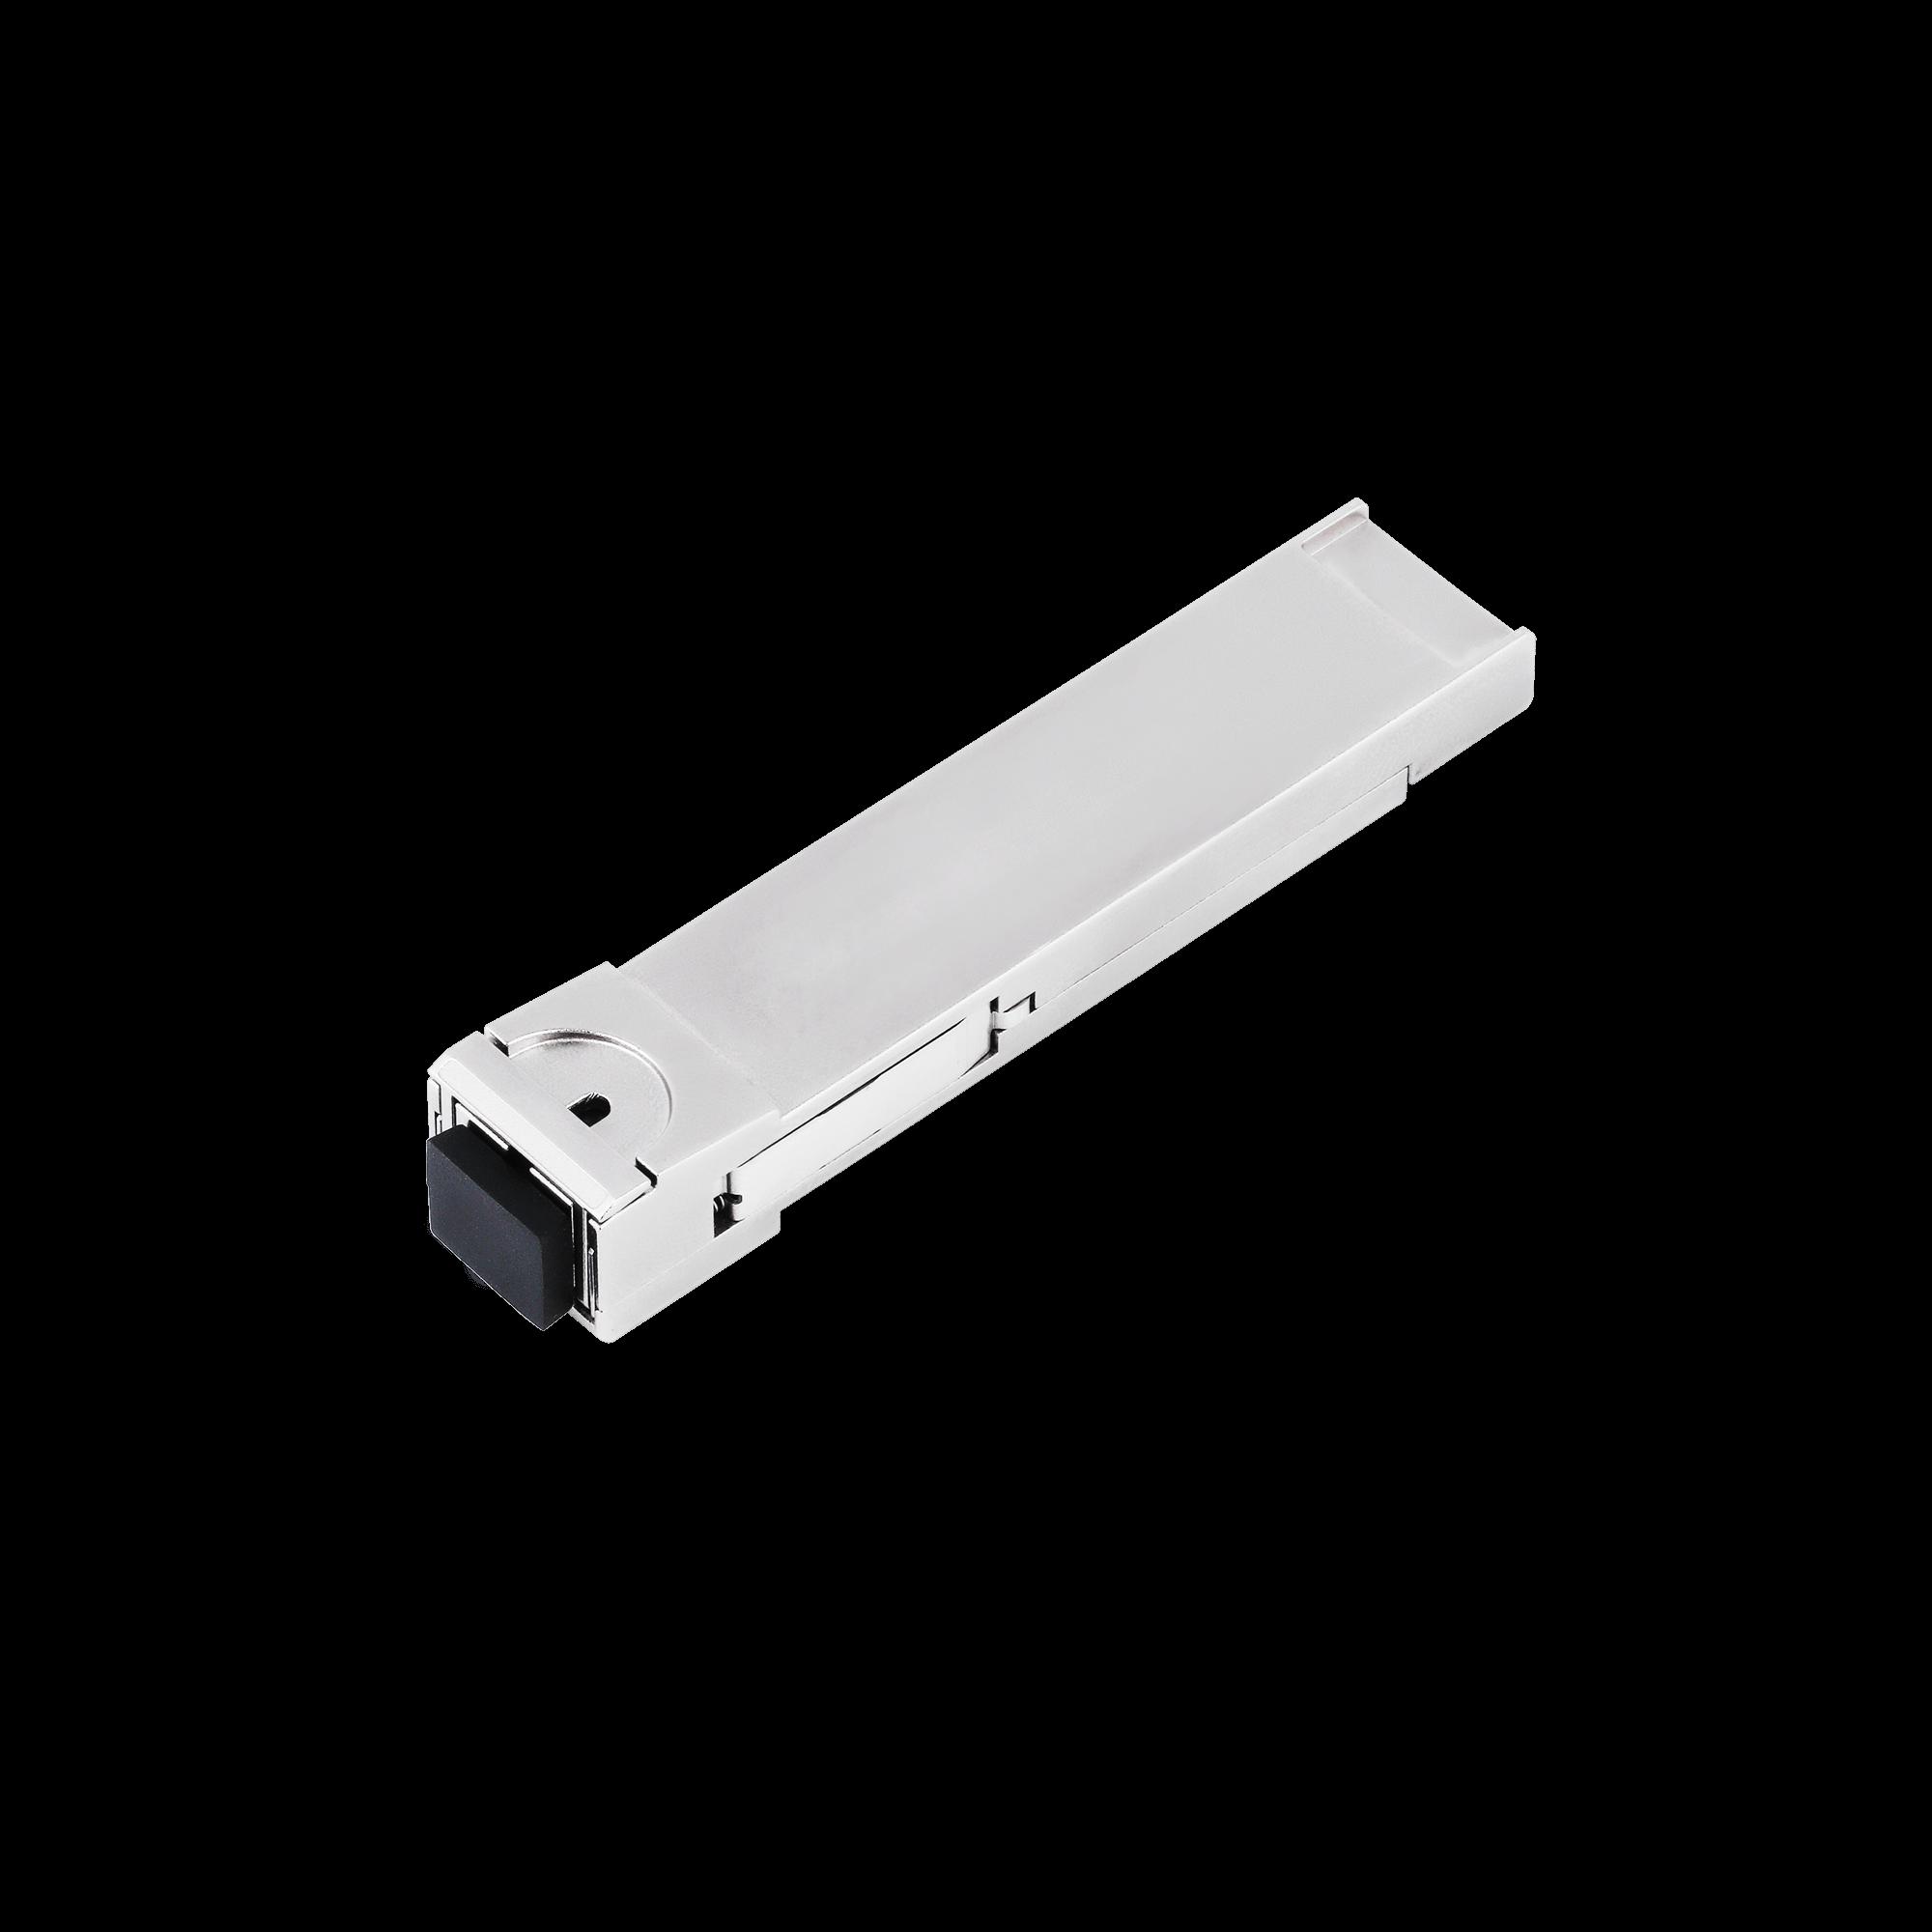 GPON OLT C++ SFP 1490/1310nm 30km Optical Transceiver